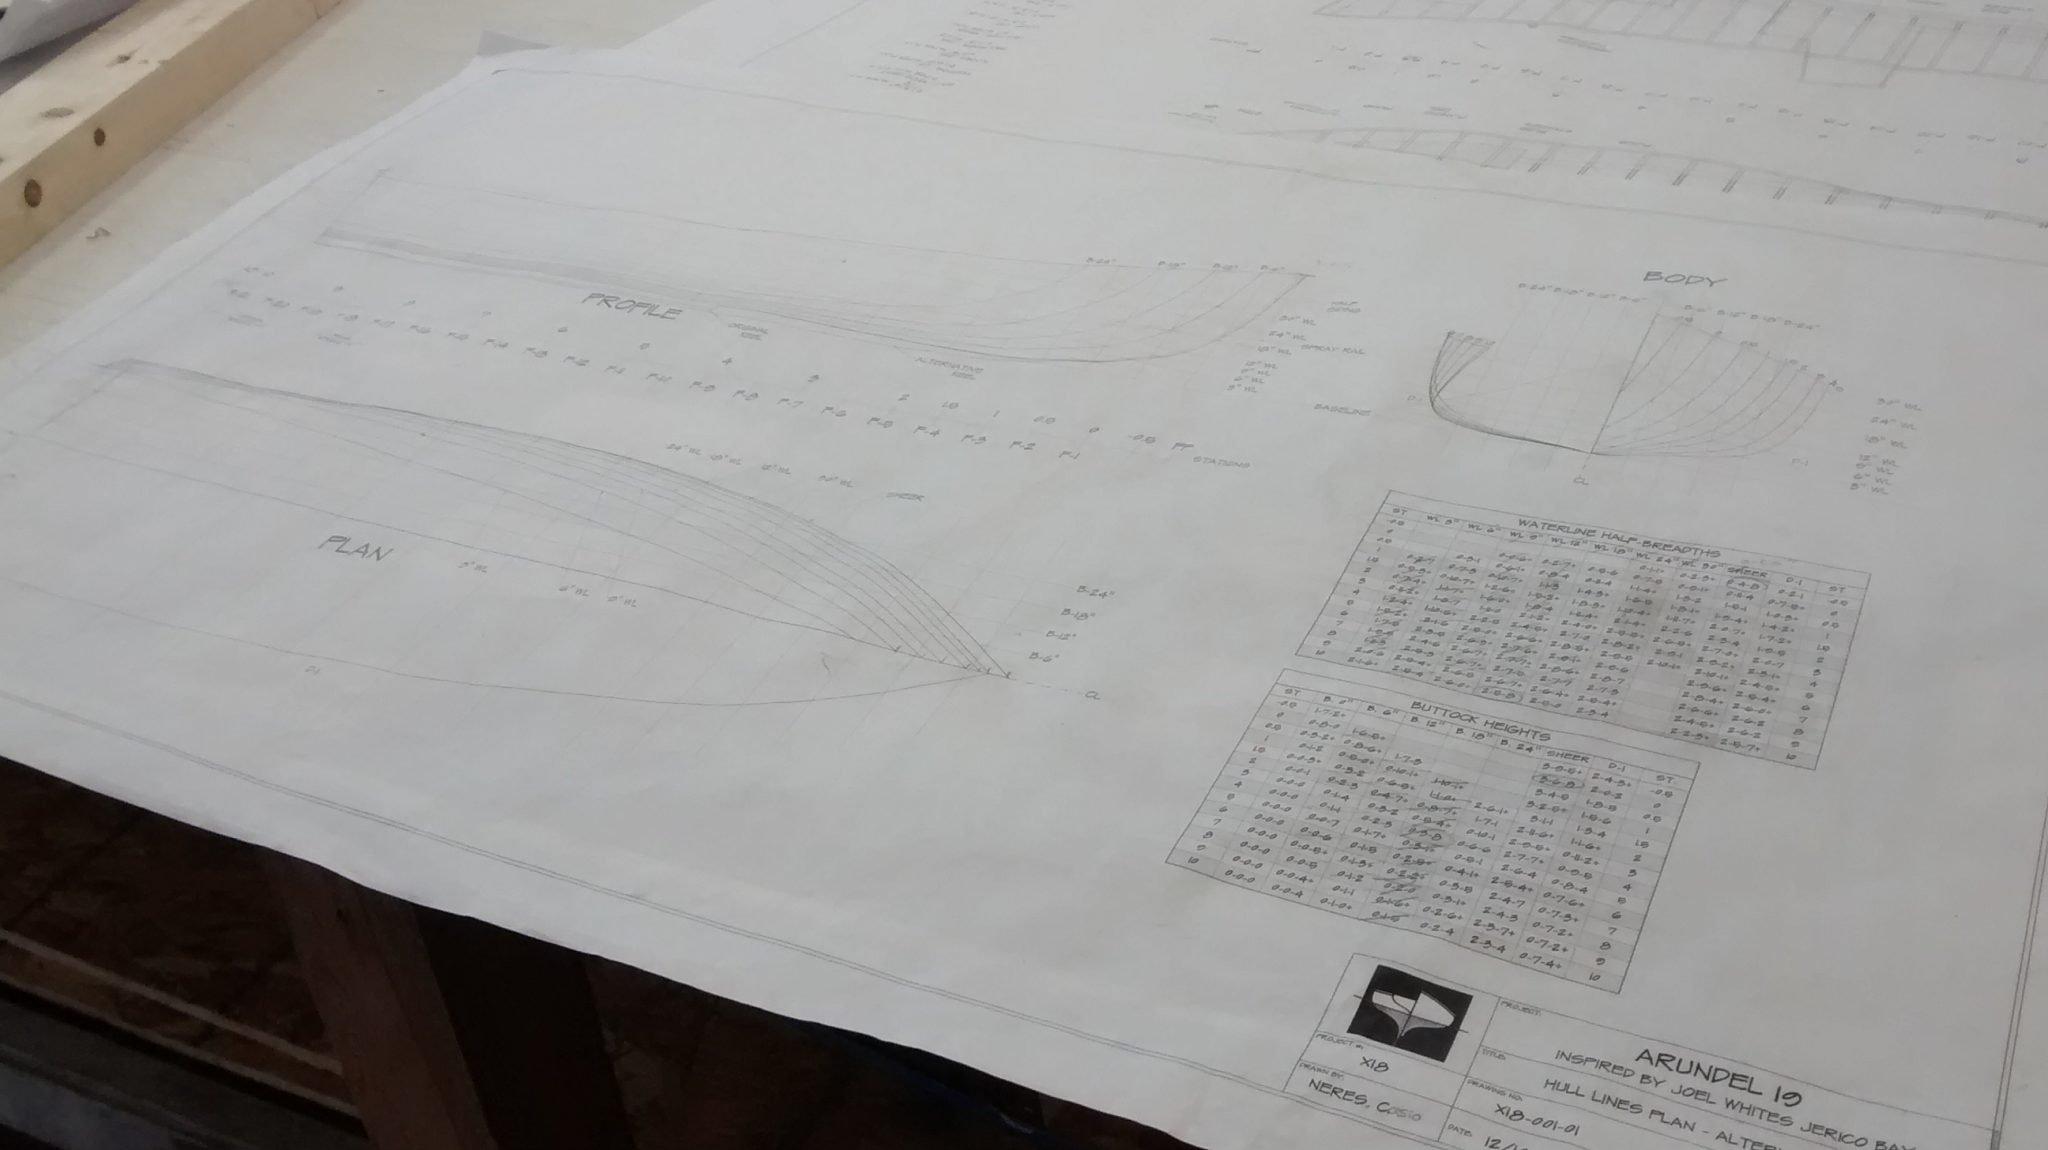 Plano de linhas (Fonte: Cassio Neres)